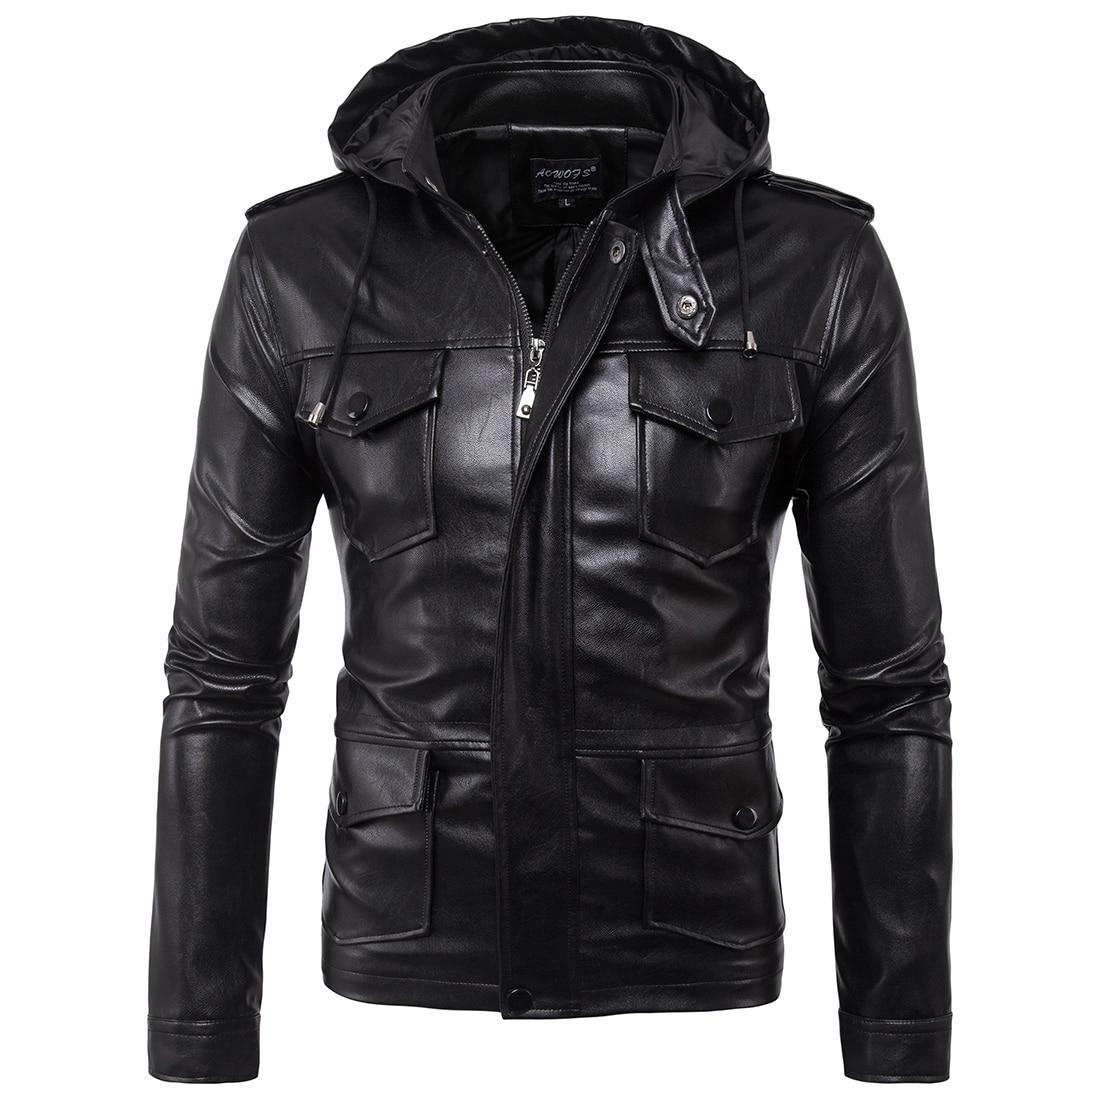 2017 Europe United States men s motorcycle hooded jacket men leather jacket multi pocket cargo coat